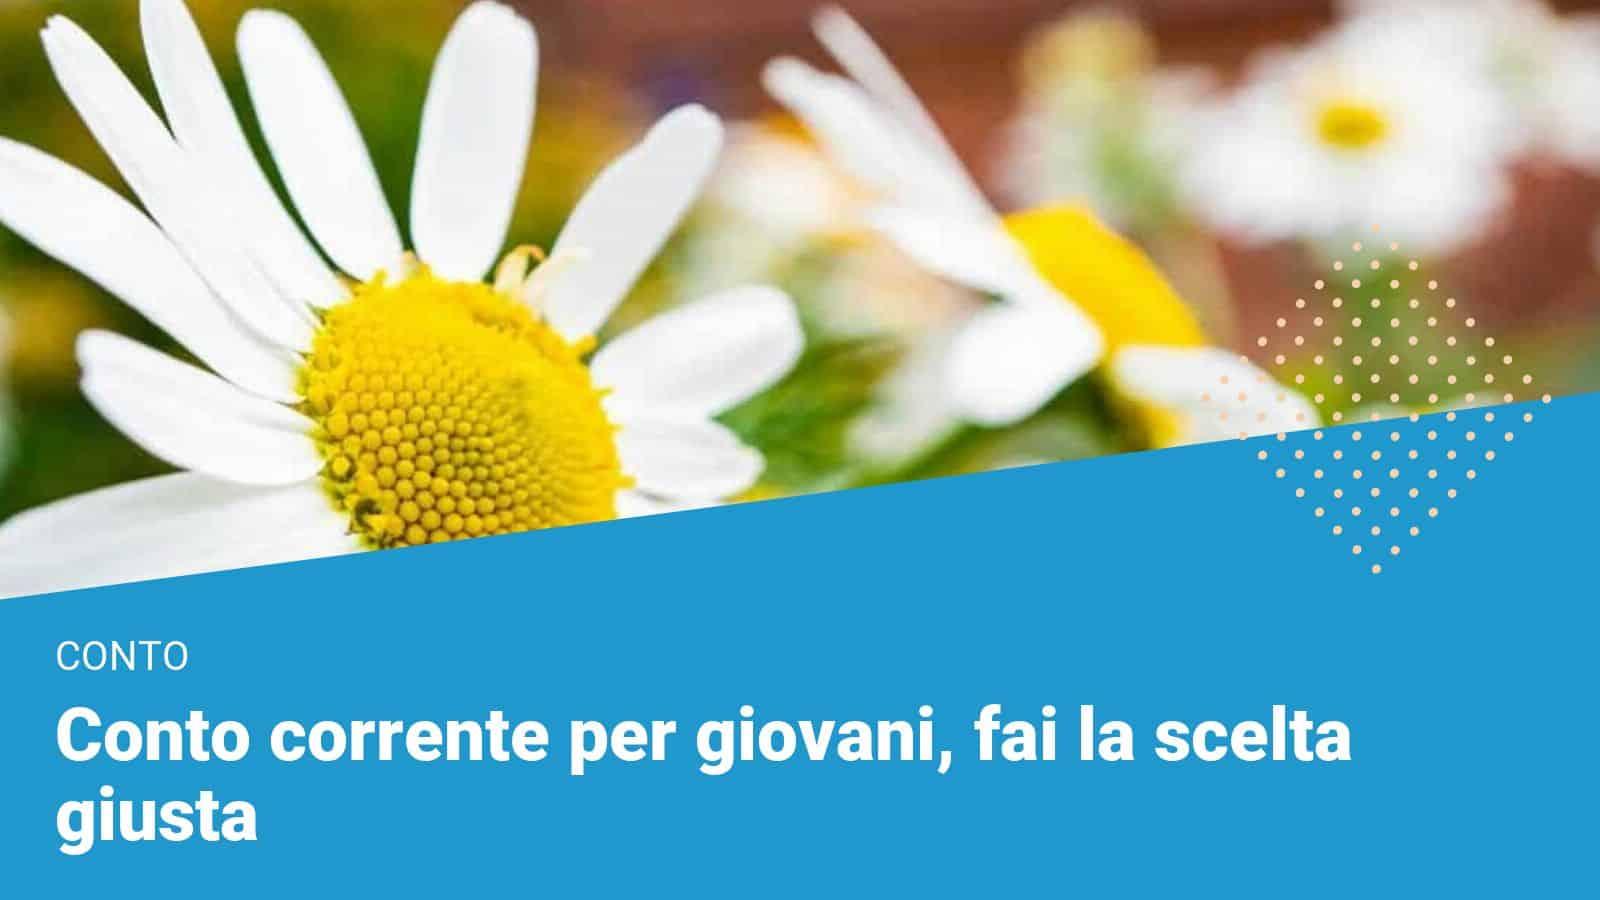 Conto corrente per giovani - Financer.com Italia